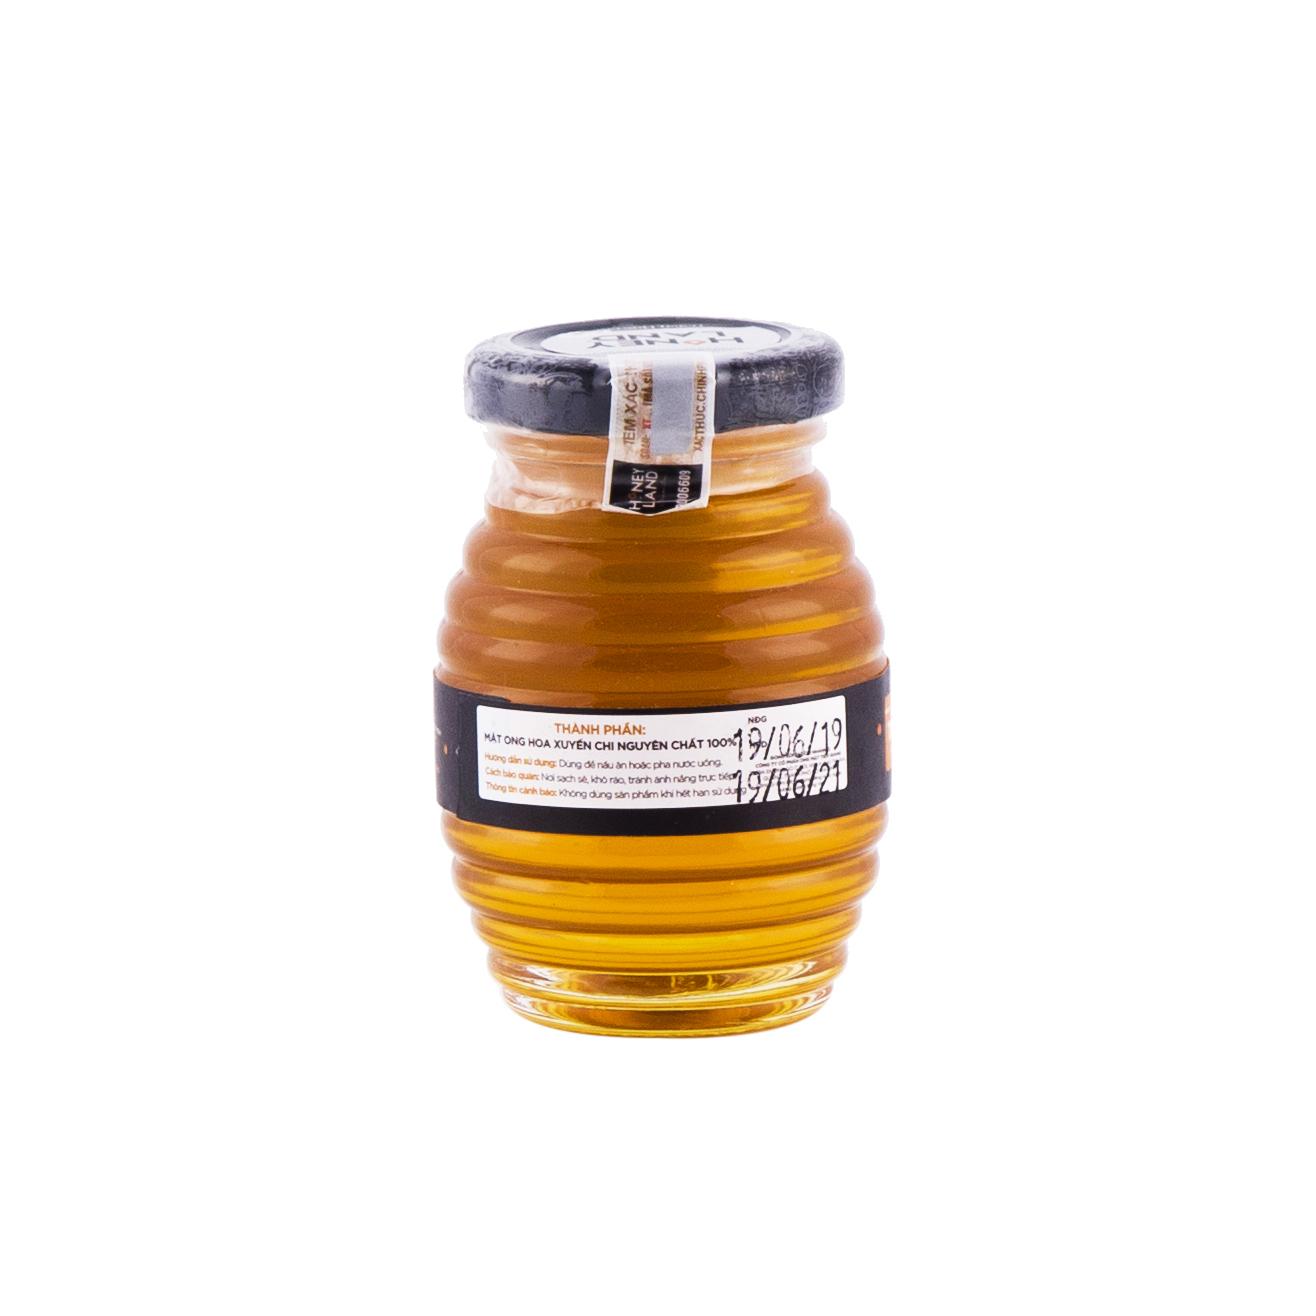 Mật ong hoa Xuyến Chi (Rừng núi Tây Bắc) 110 Gram